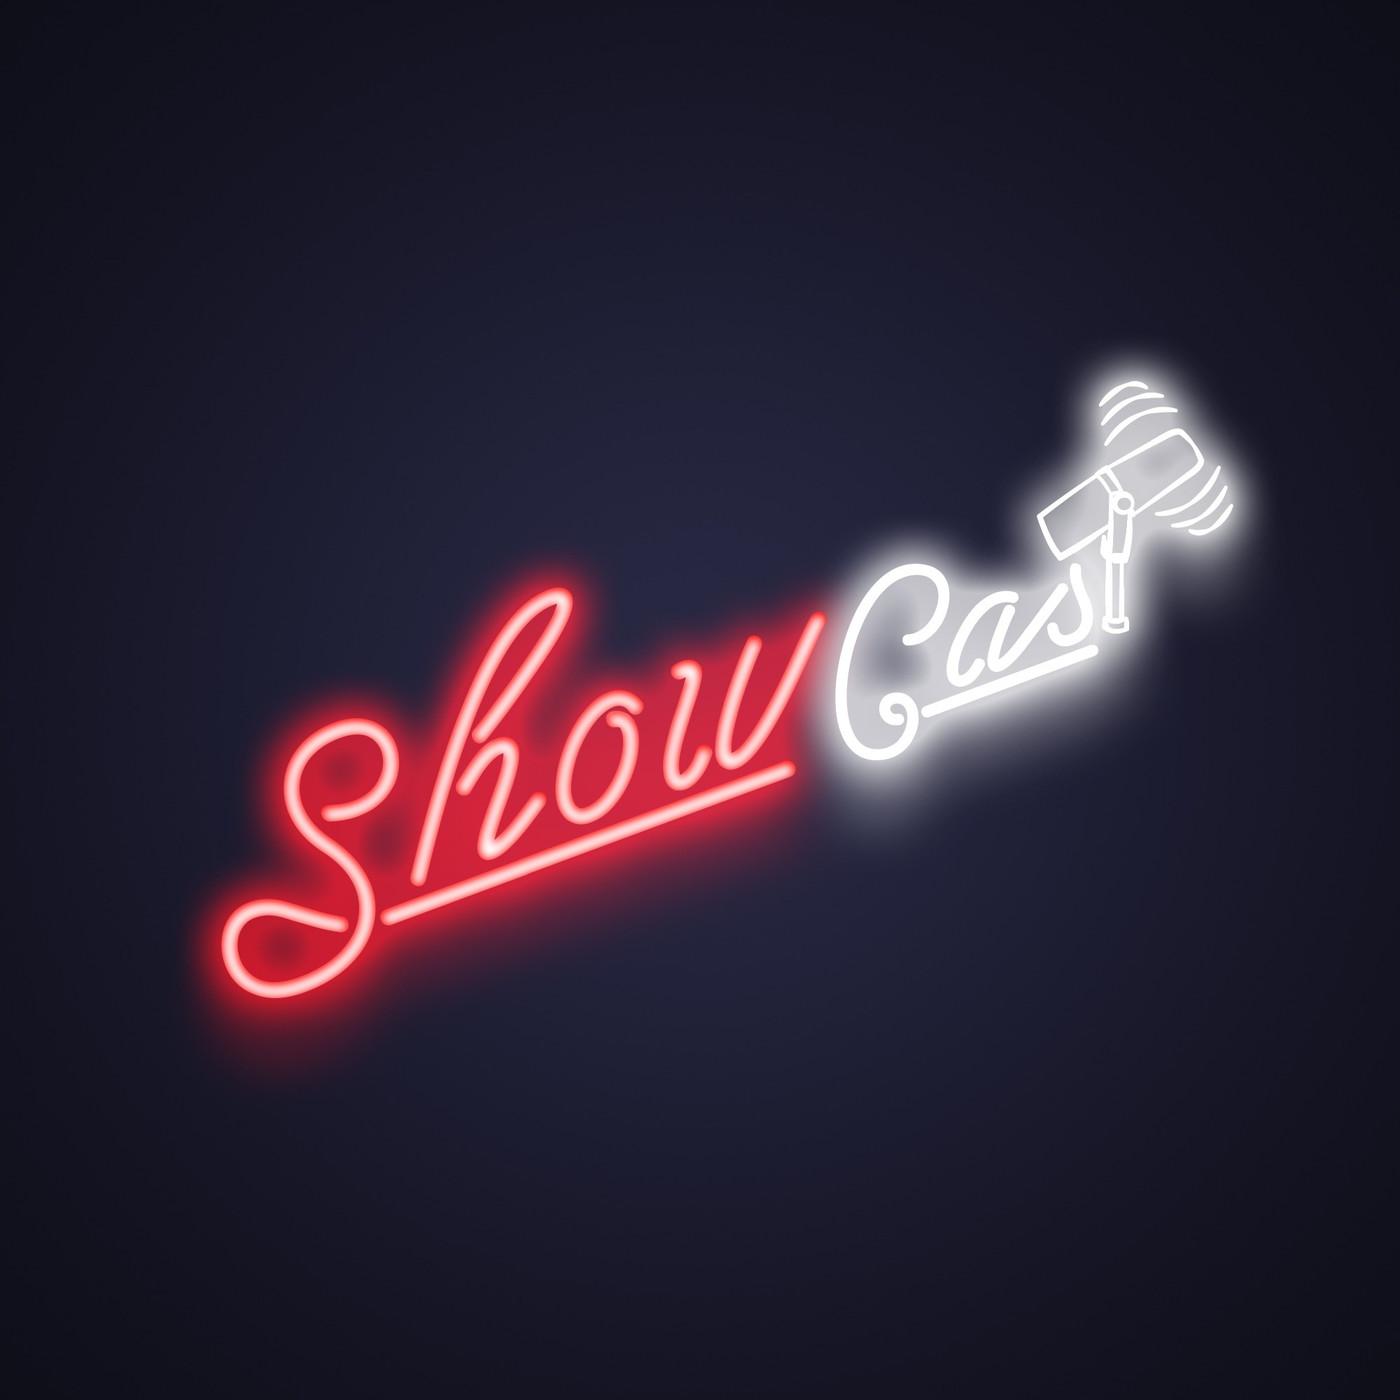 Showcast 35 - Estamos sozinhos no universo?